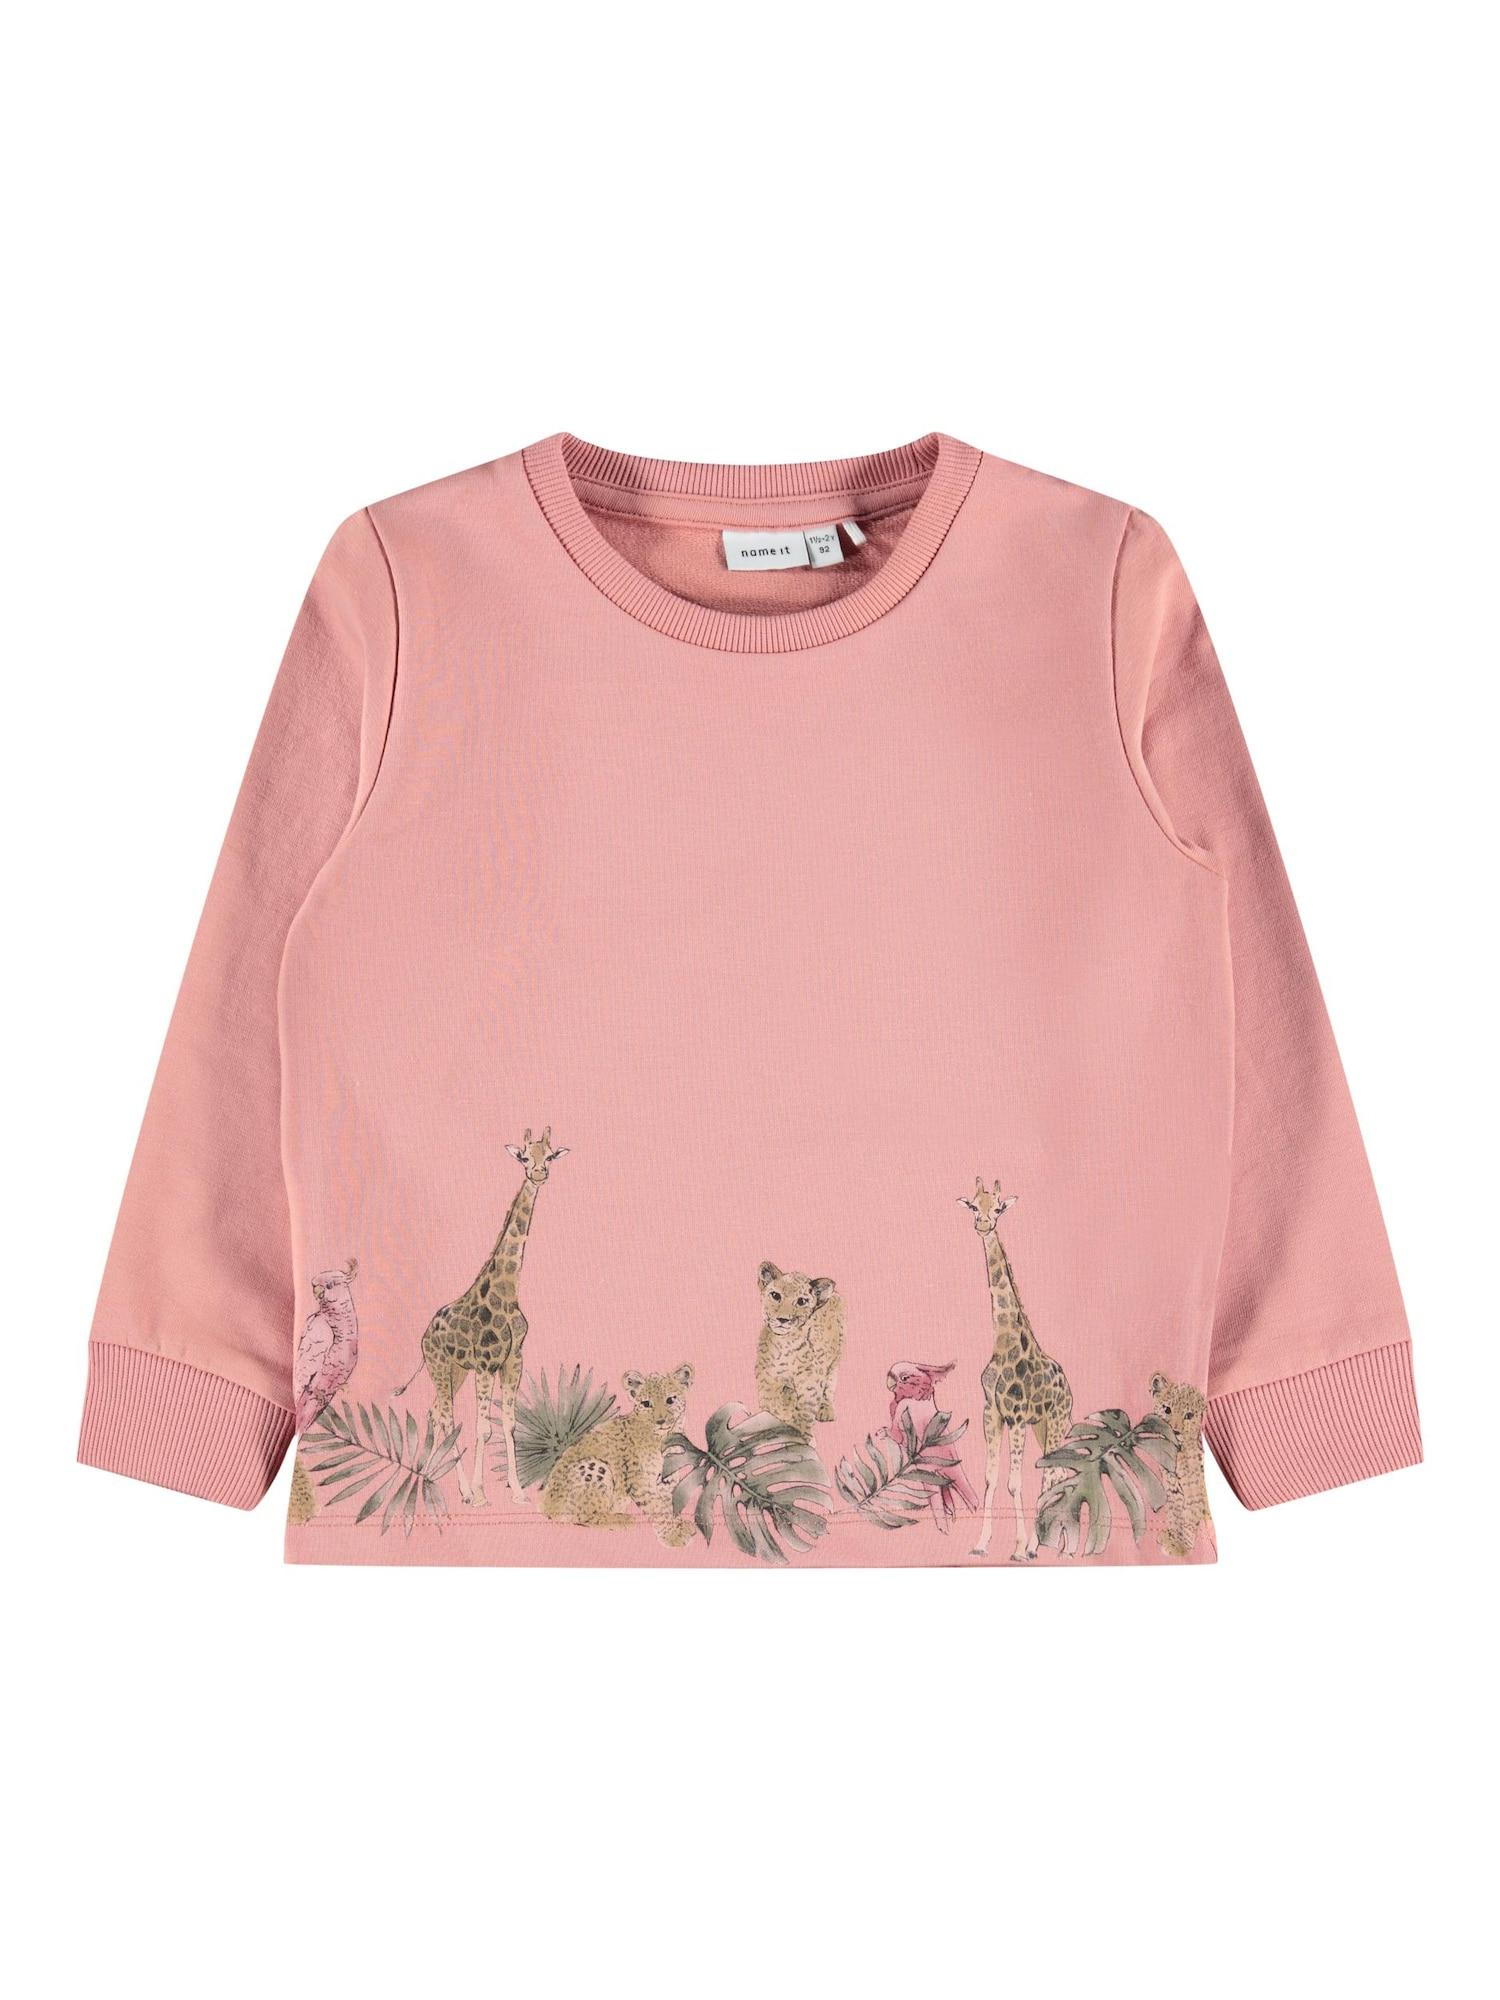 NAME IT Megztinis be užsegimo 'Jungle' ryškiai rožinė spalva / šviesiai ruda / smaragdinė spalva / juoda / pitajų spalva